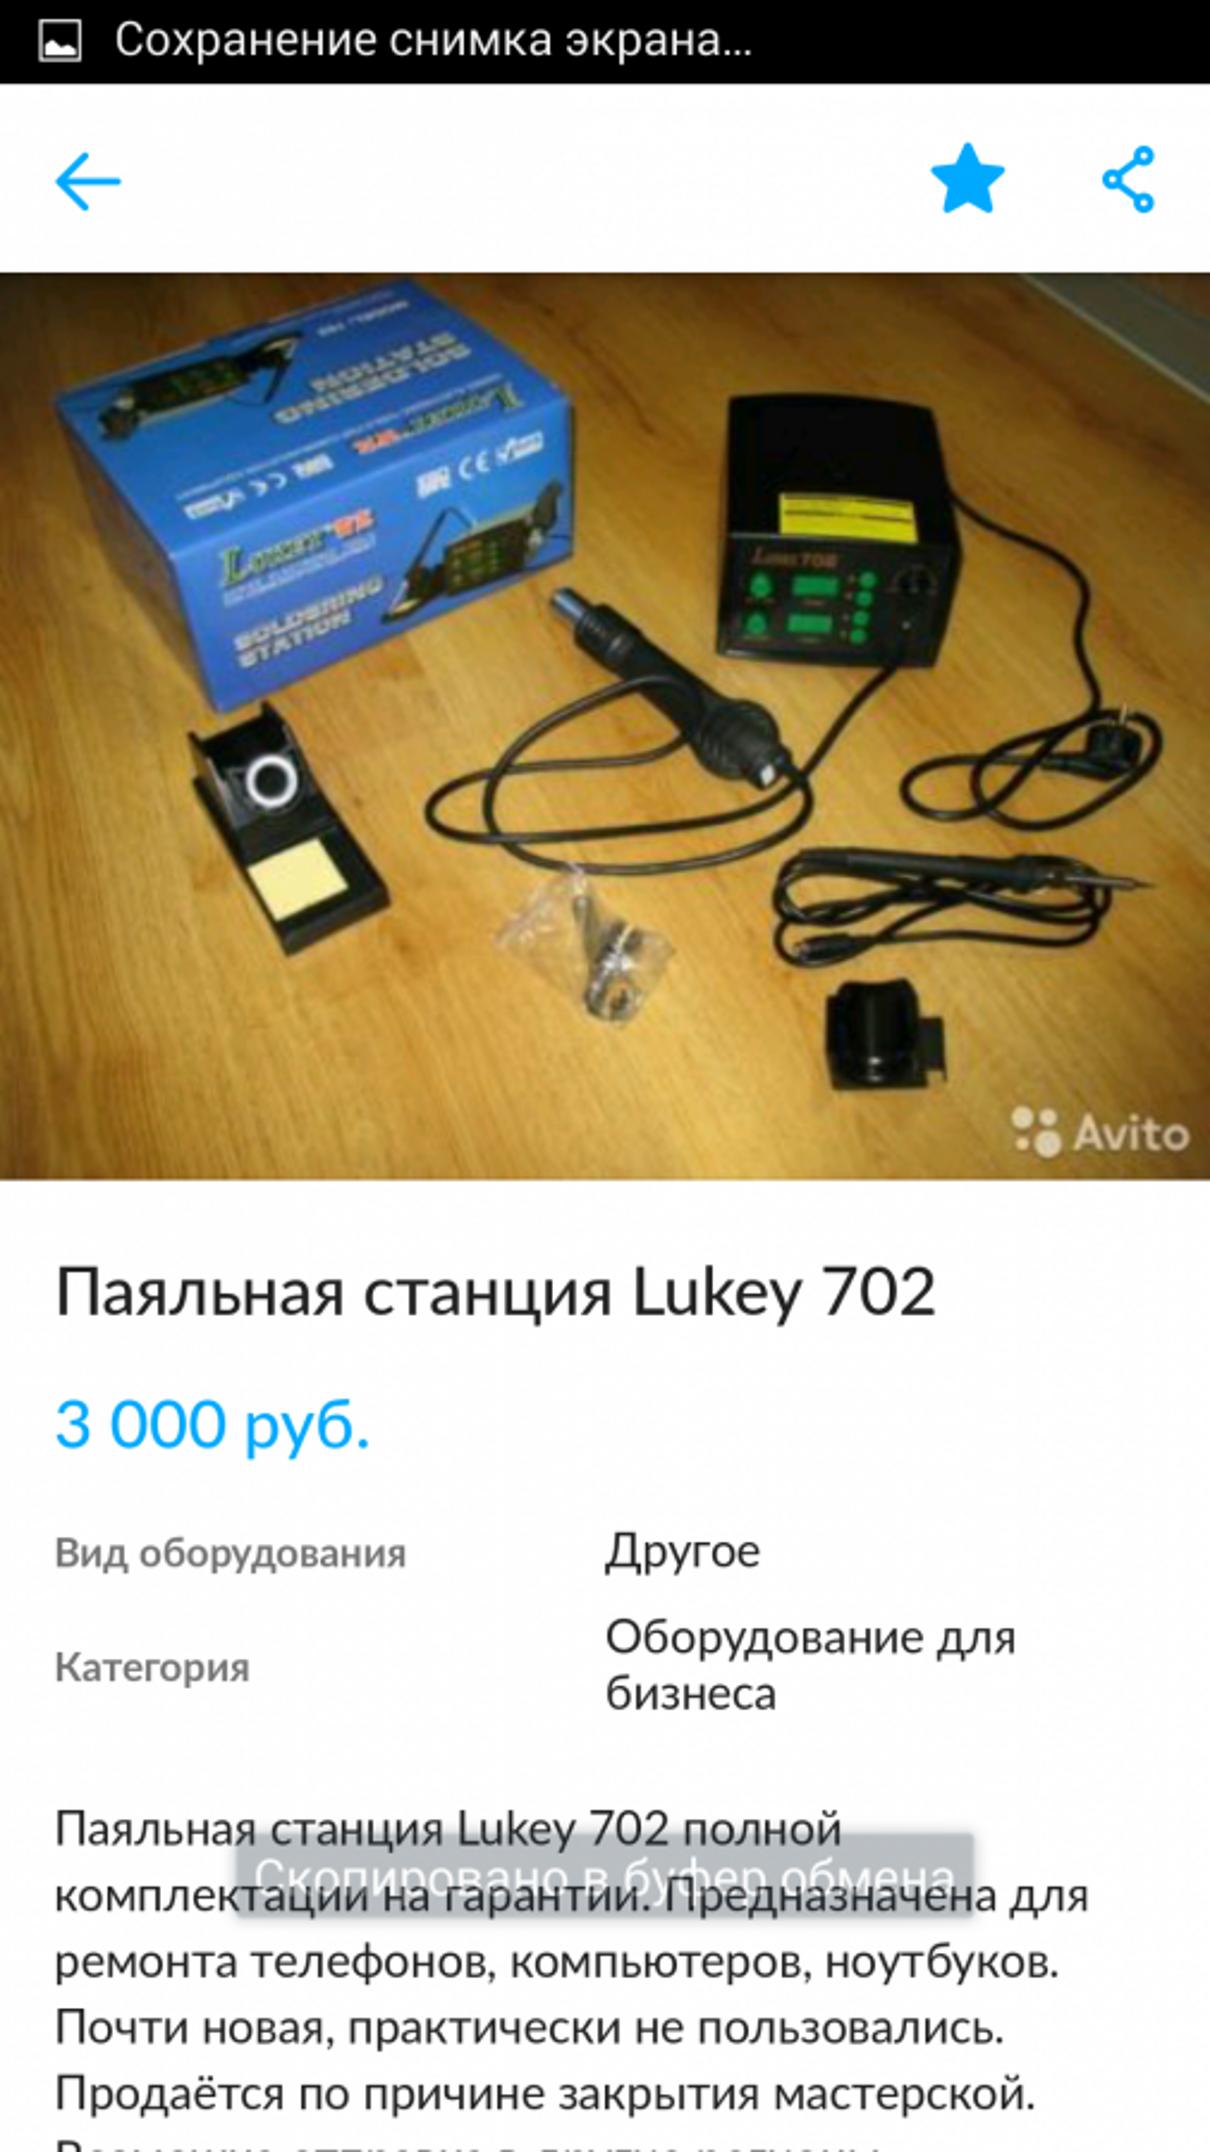 Жалоба-отзыв: Кокозов Ренат Исаевич - Обман с паяльной станцией Lukey 702